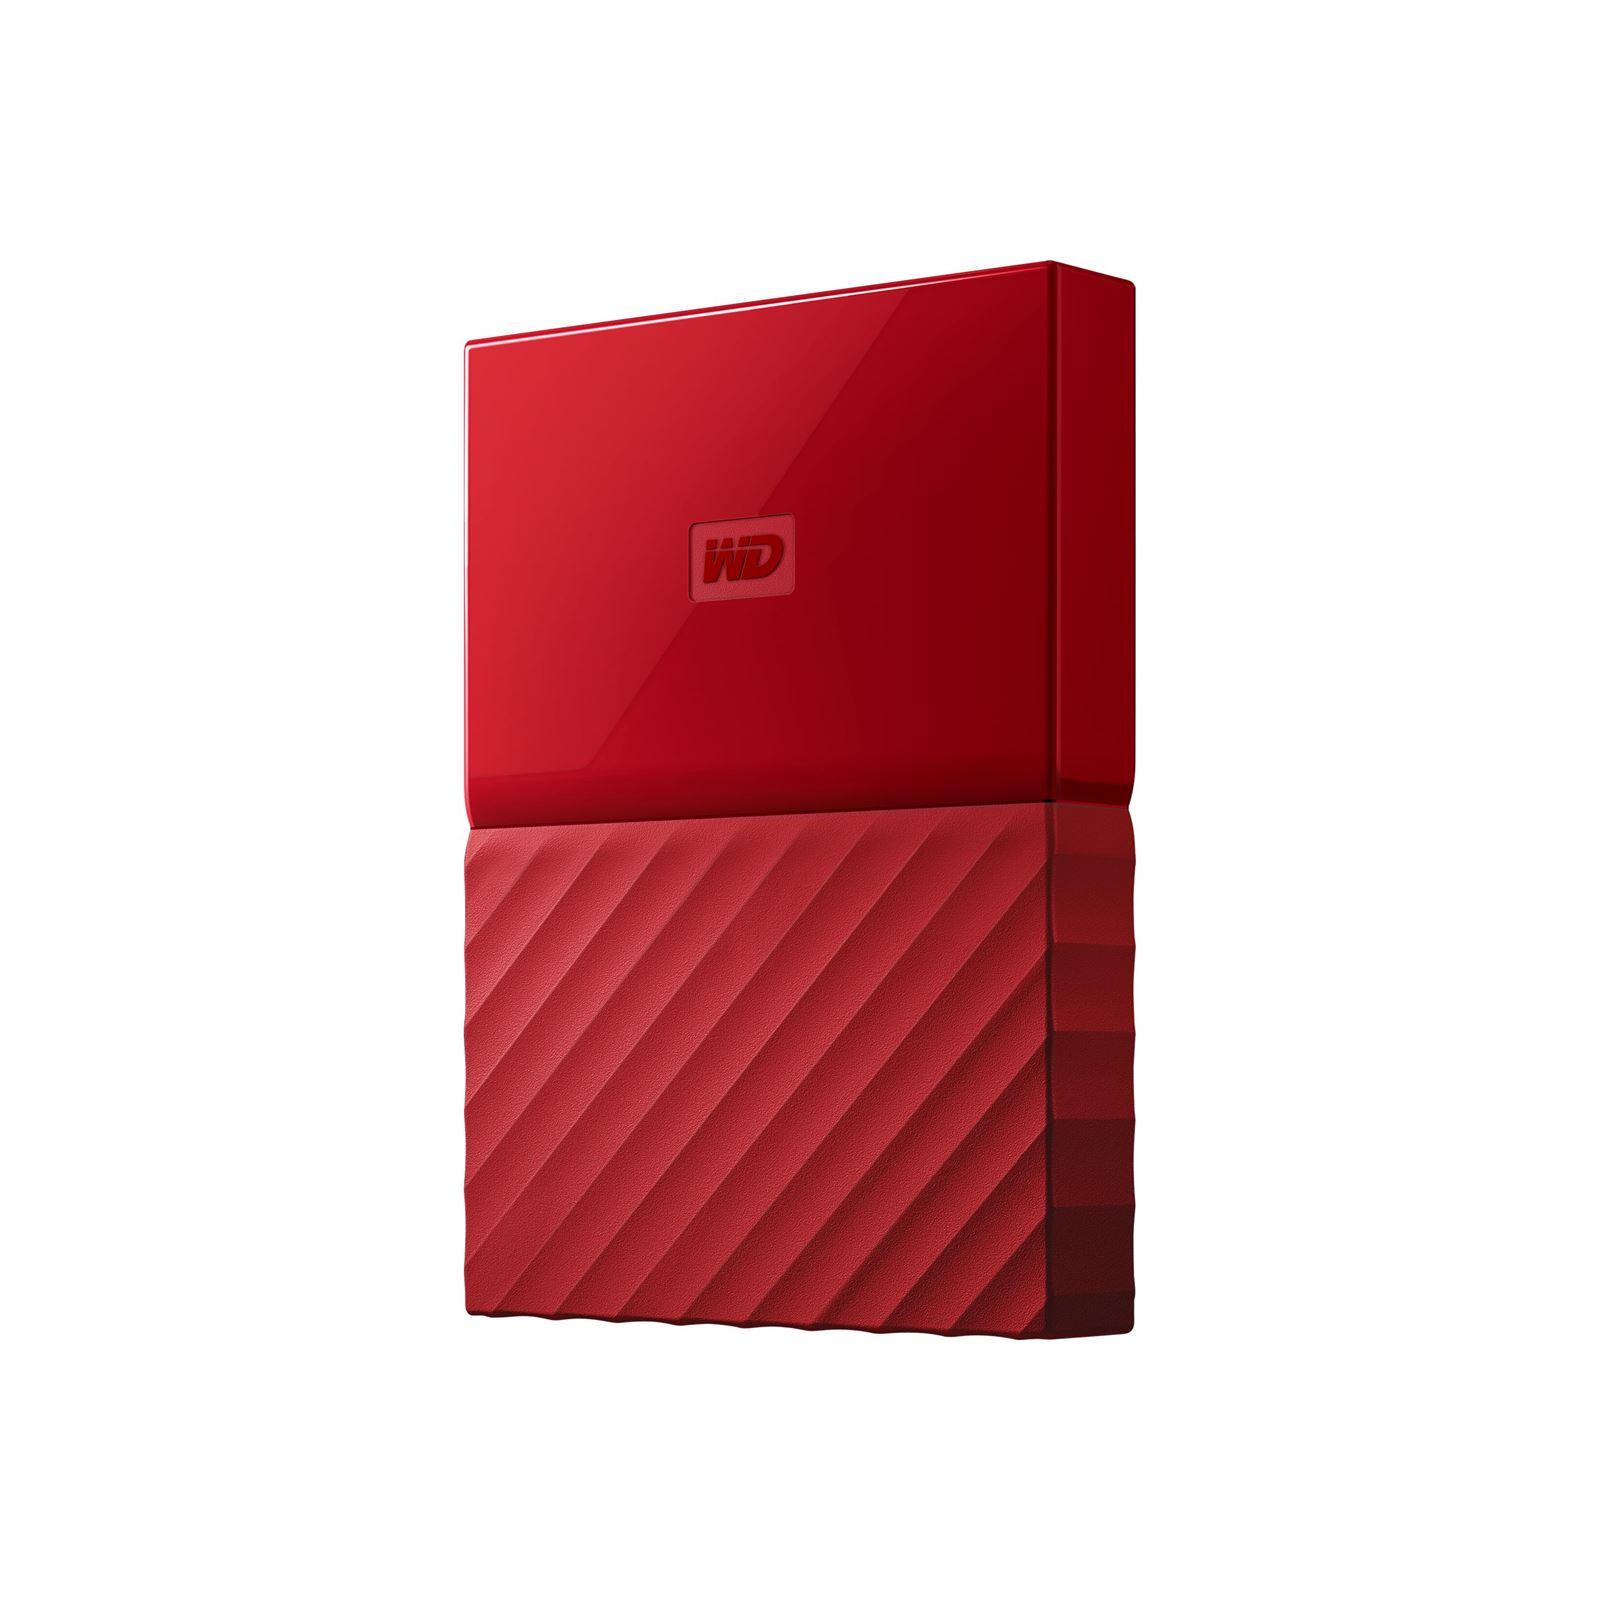 """Εξωτερικός Σκληρός Western Digital My Passport 2016 1TB USB 3.0 2.5"""" WDBYNN0010BRD Red image"""